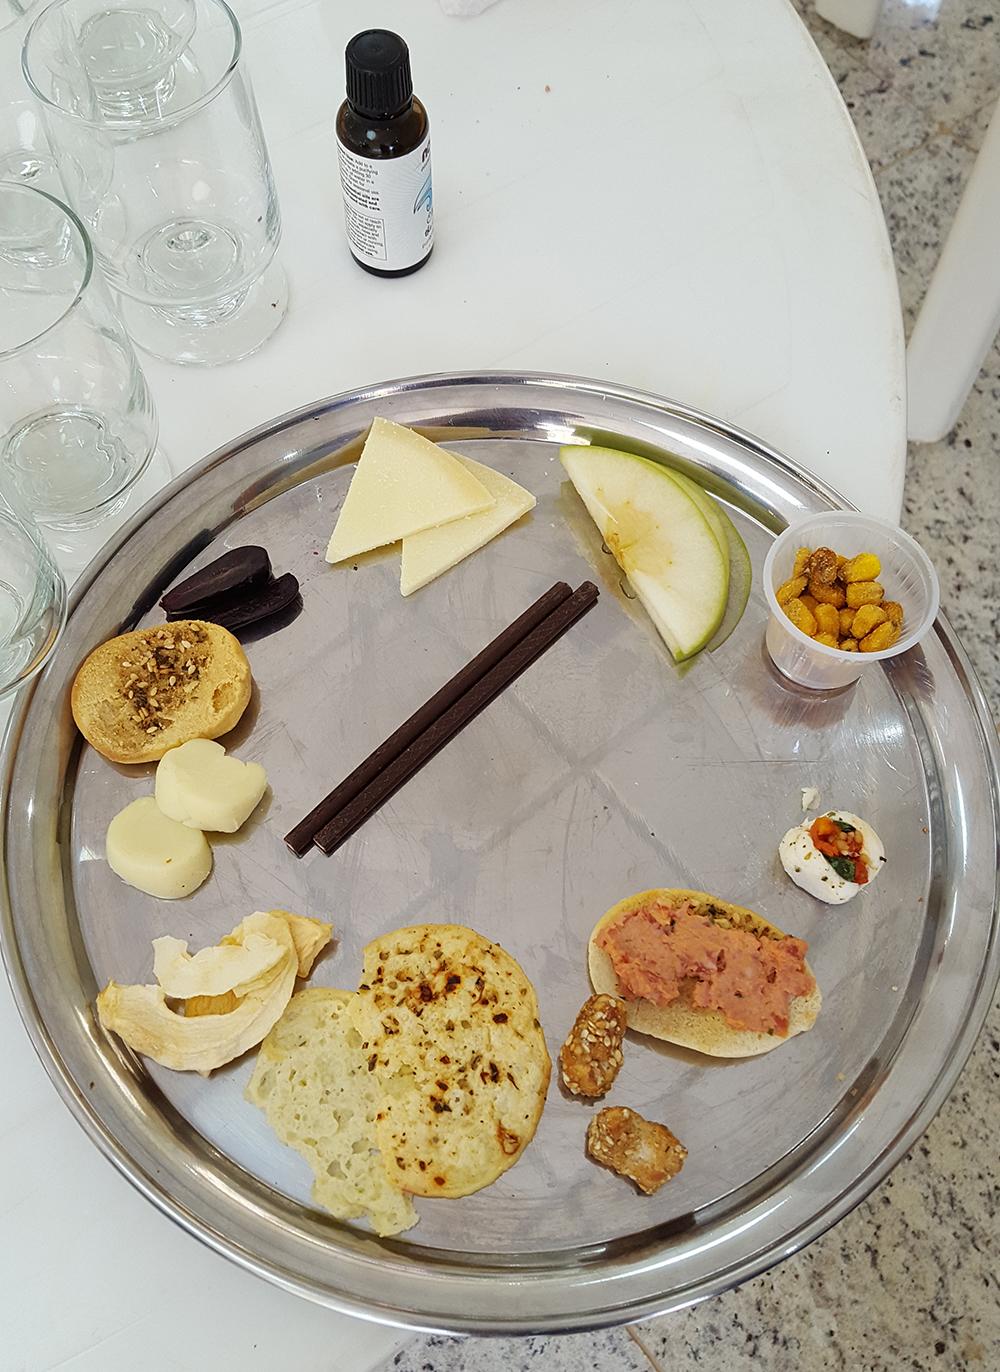 Alimentos servidos na degustação às cegas, juntamente com a essência usada para despertar o olfato.